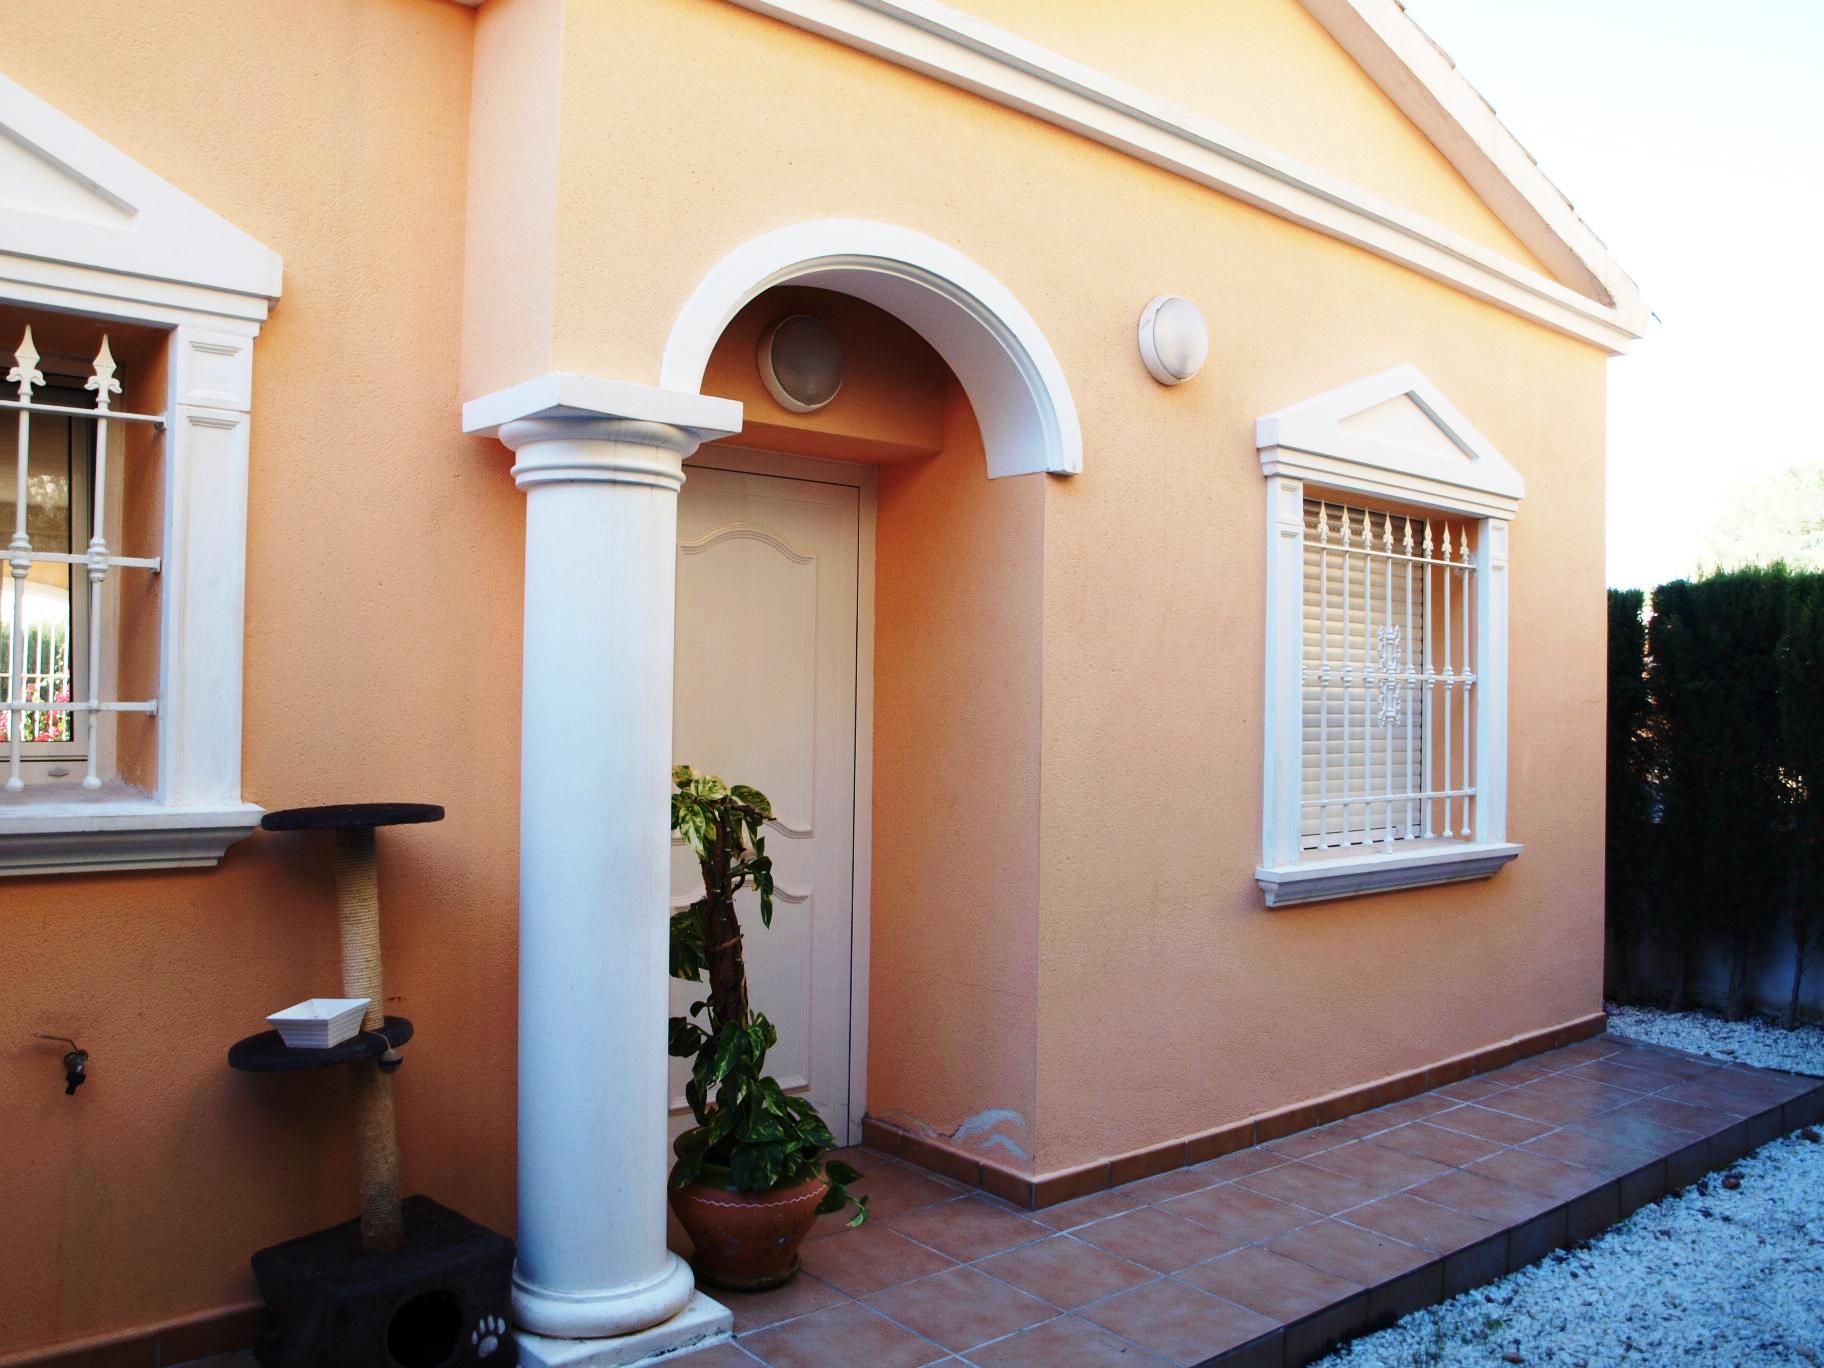 Аликанте испания недвижимость продажа от банка